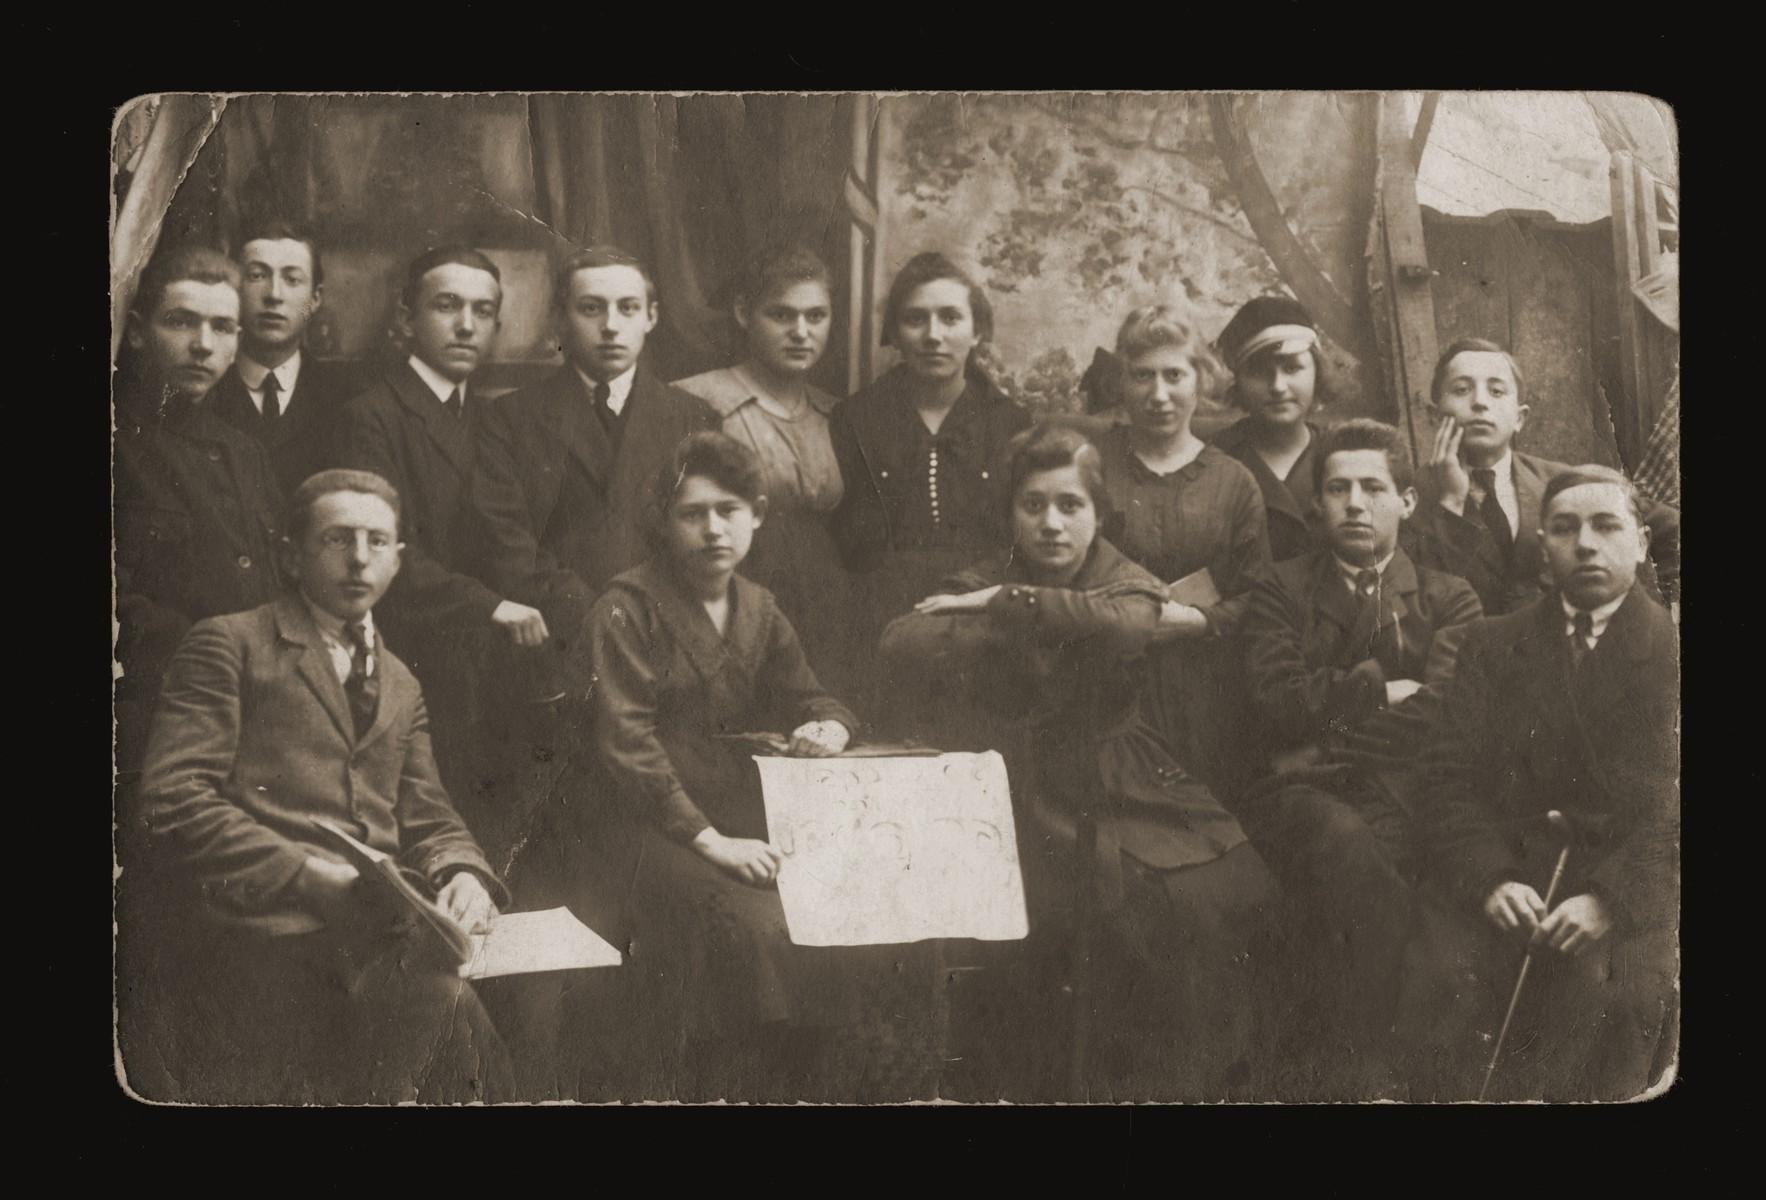 Group portrait of Jewish youth [probably in Dabrowa Gornicza].